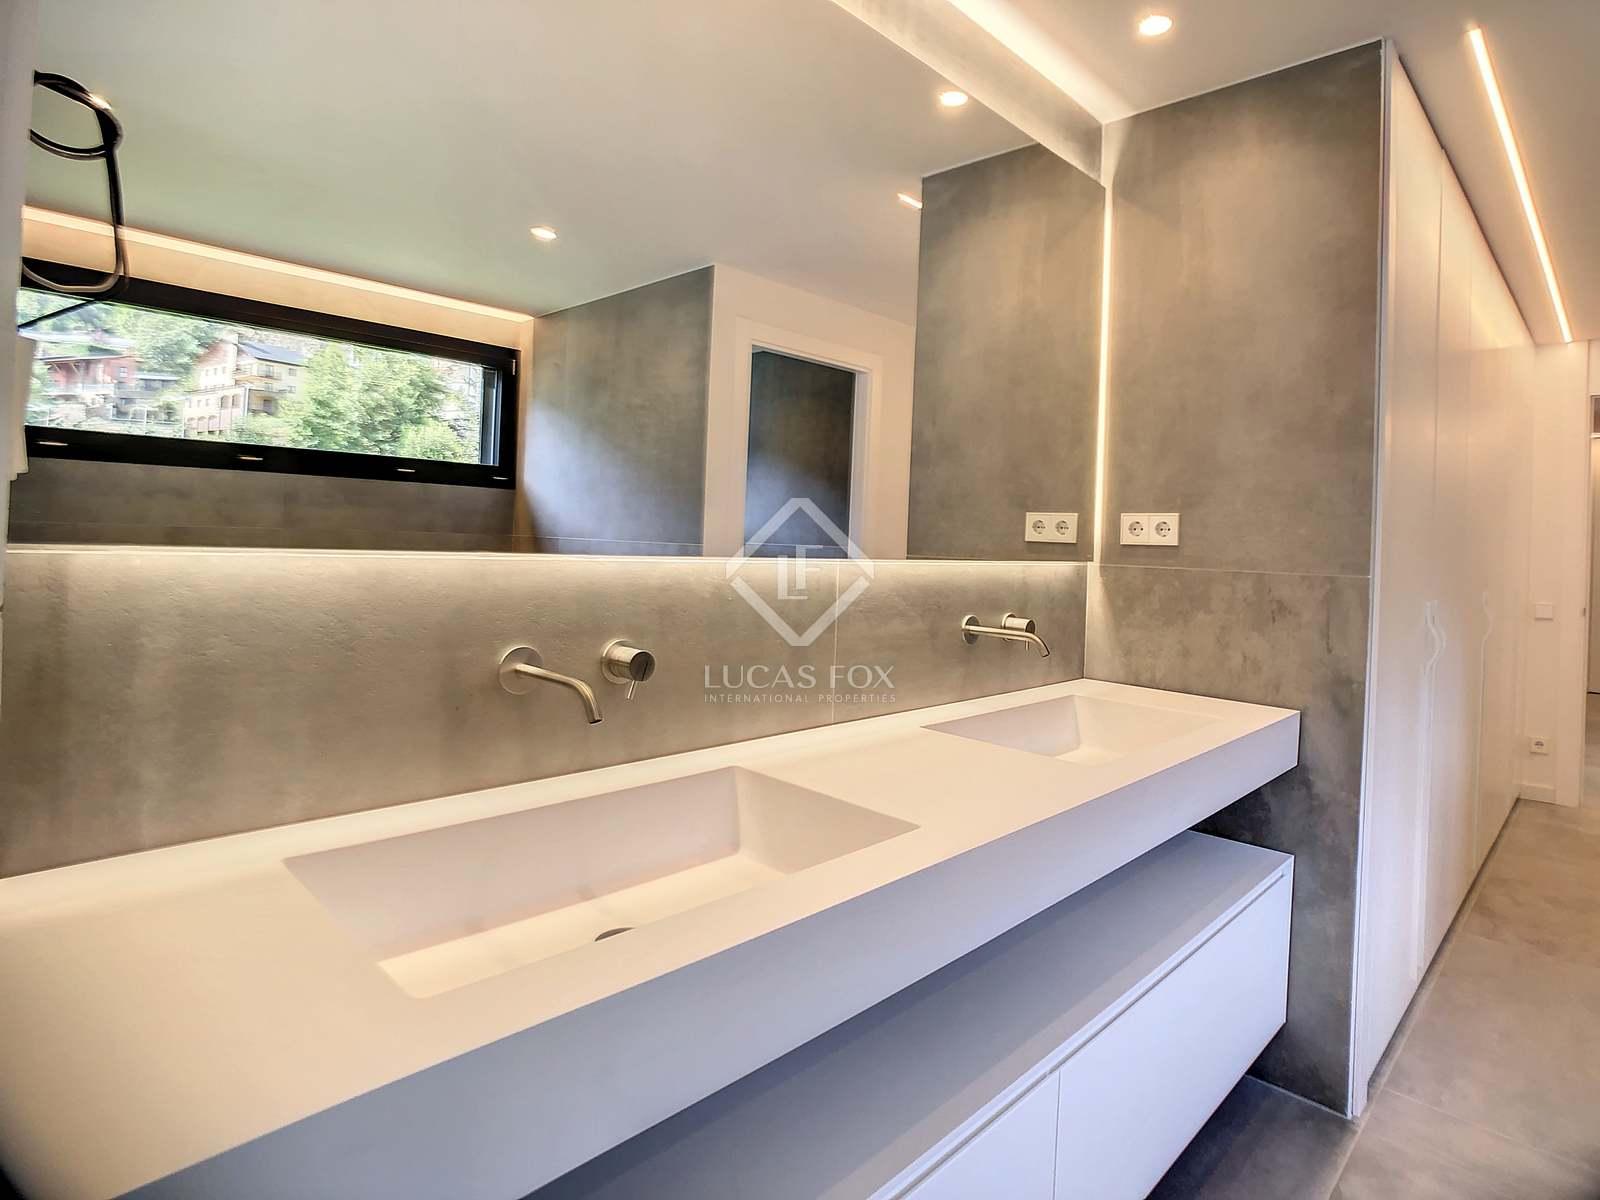 Baño principal : Algunas de las imágenes digitales utilizadas son aproximativas